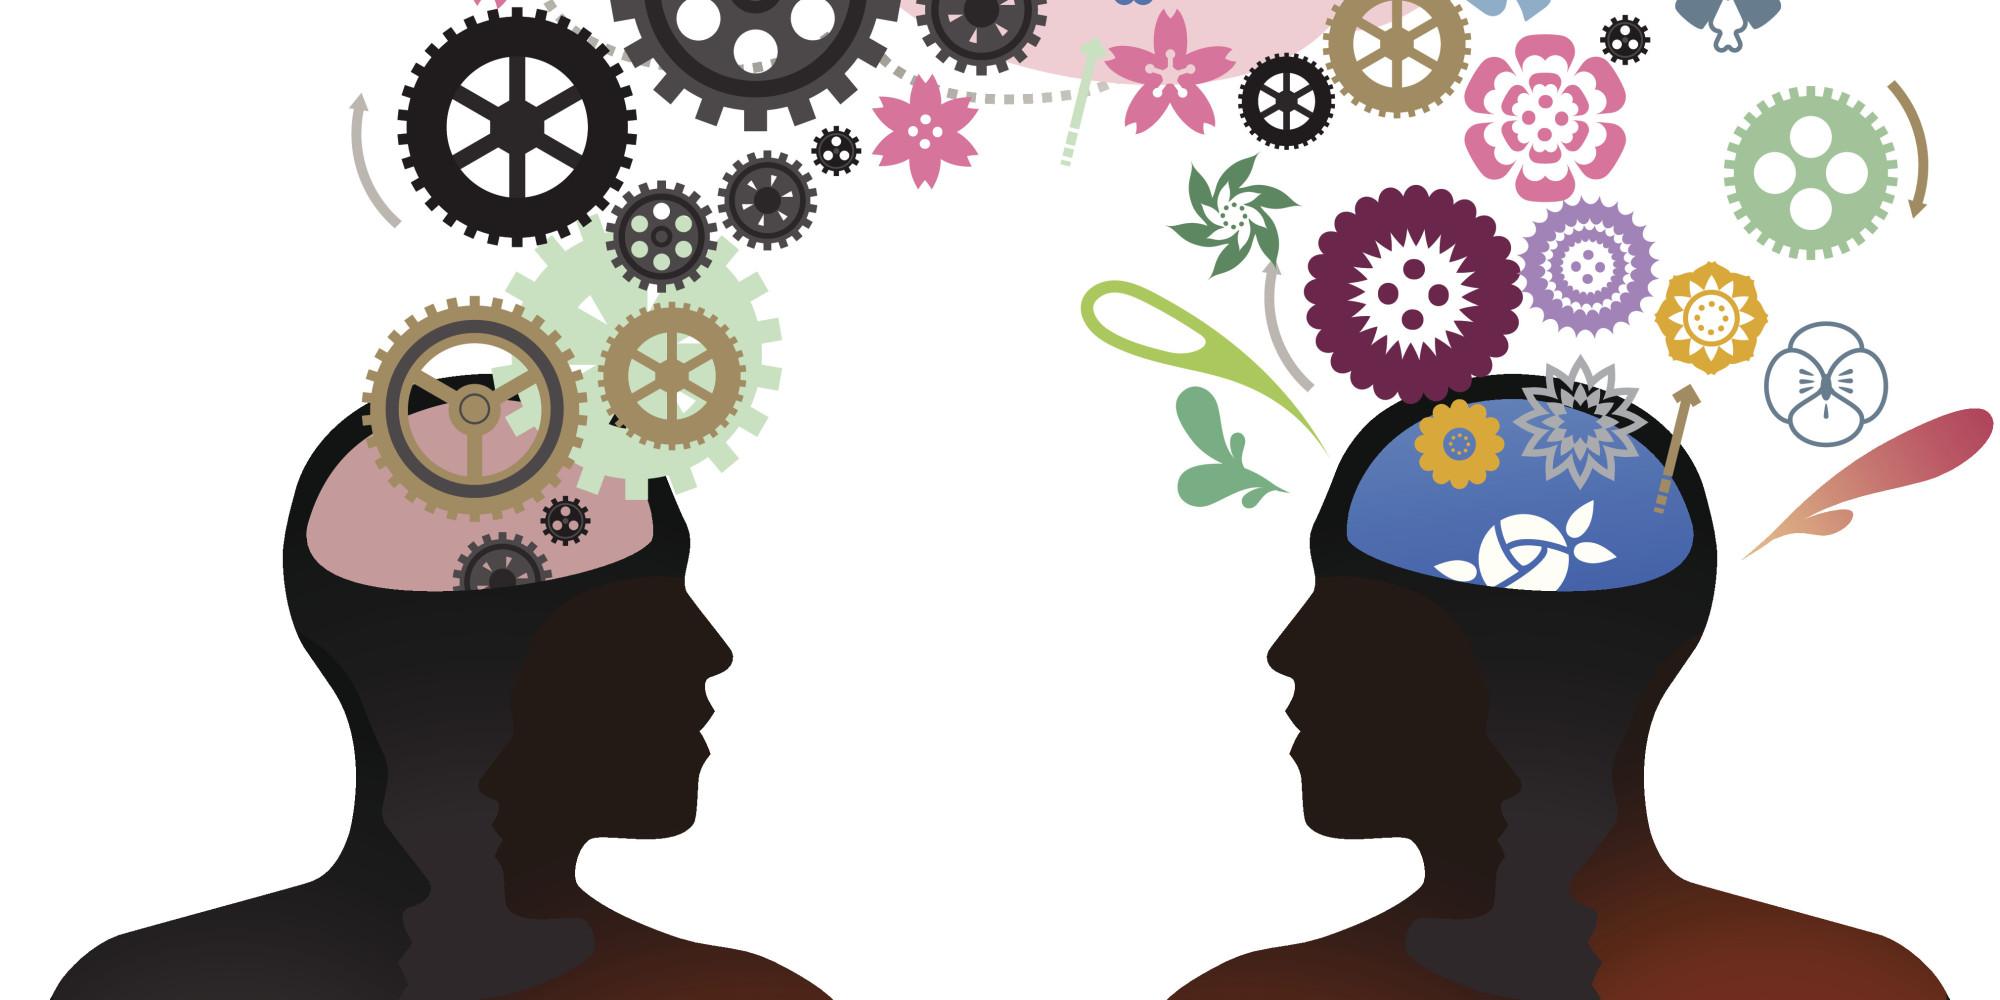 Mieux travailler grâce à l'intelligence collective2